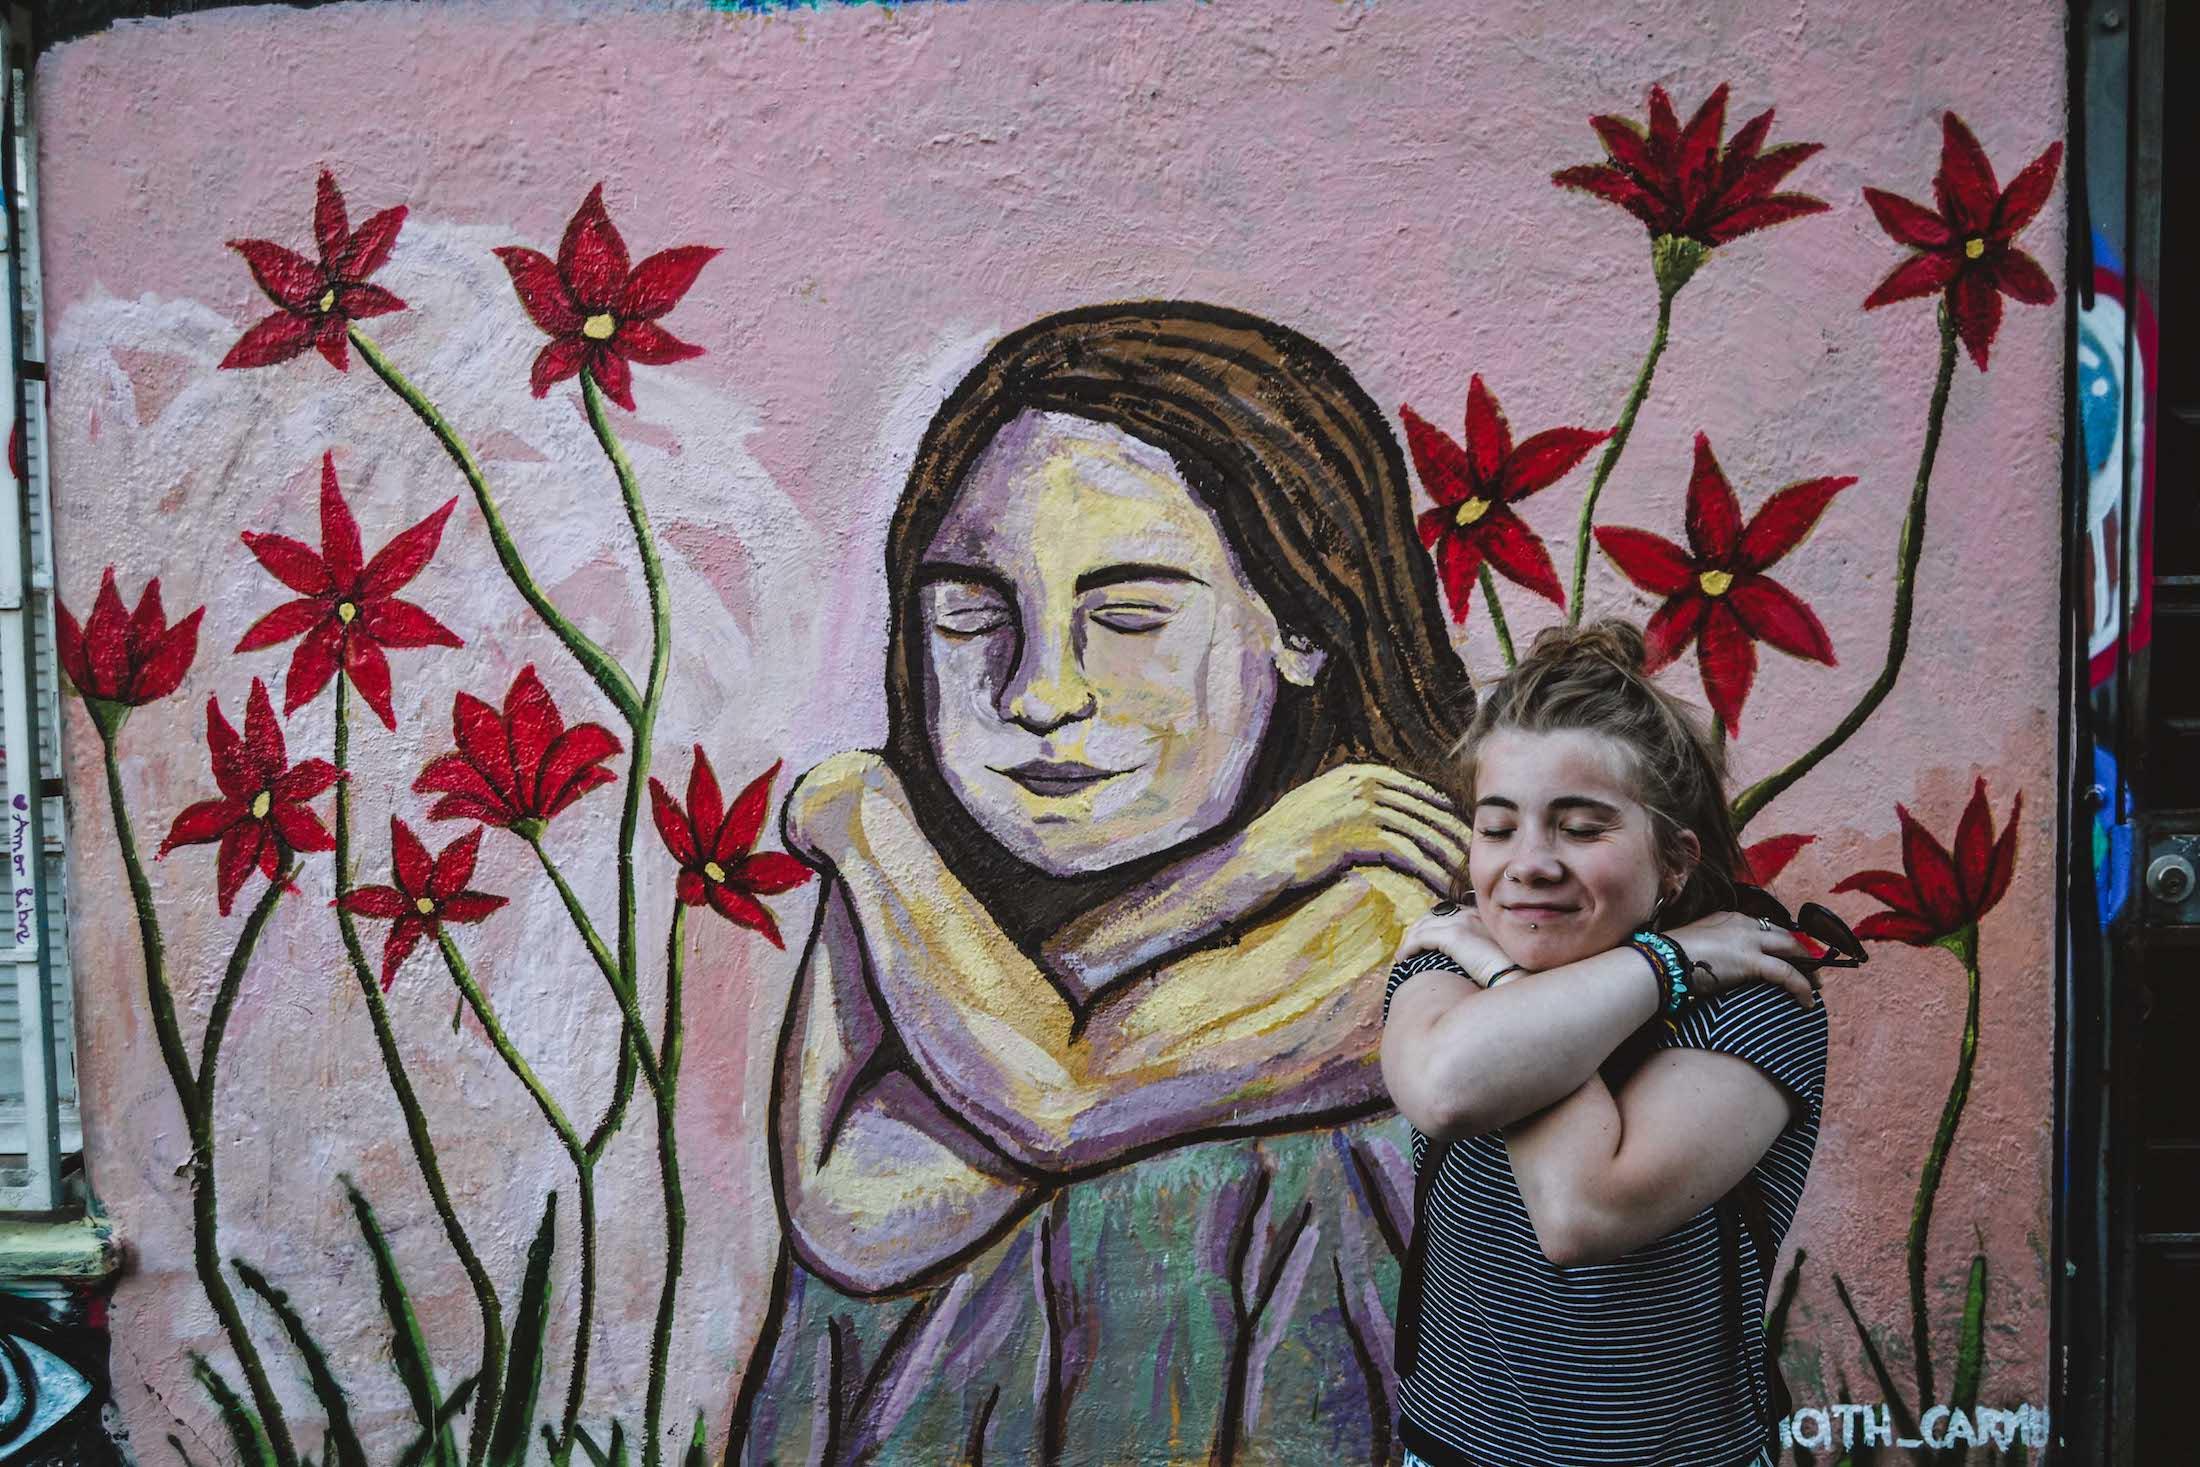 Peinture murale au Cerro Concepcion, femme qui s'embrasse avec fleurs rouges